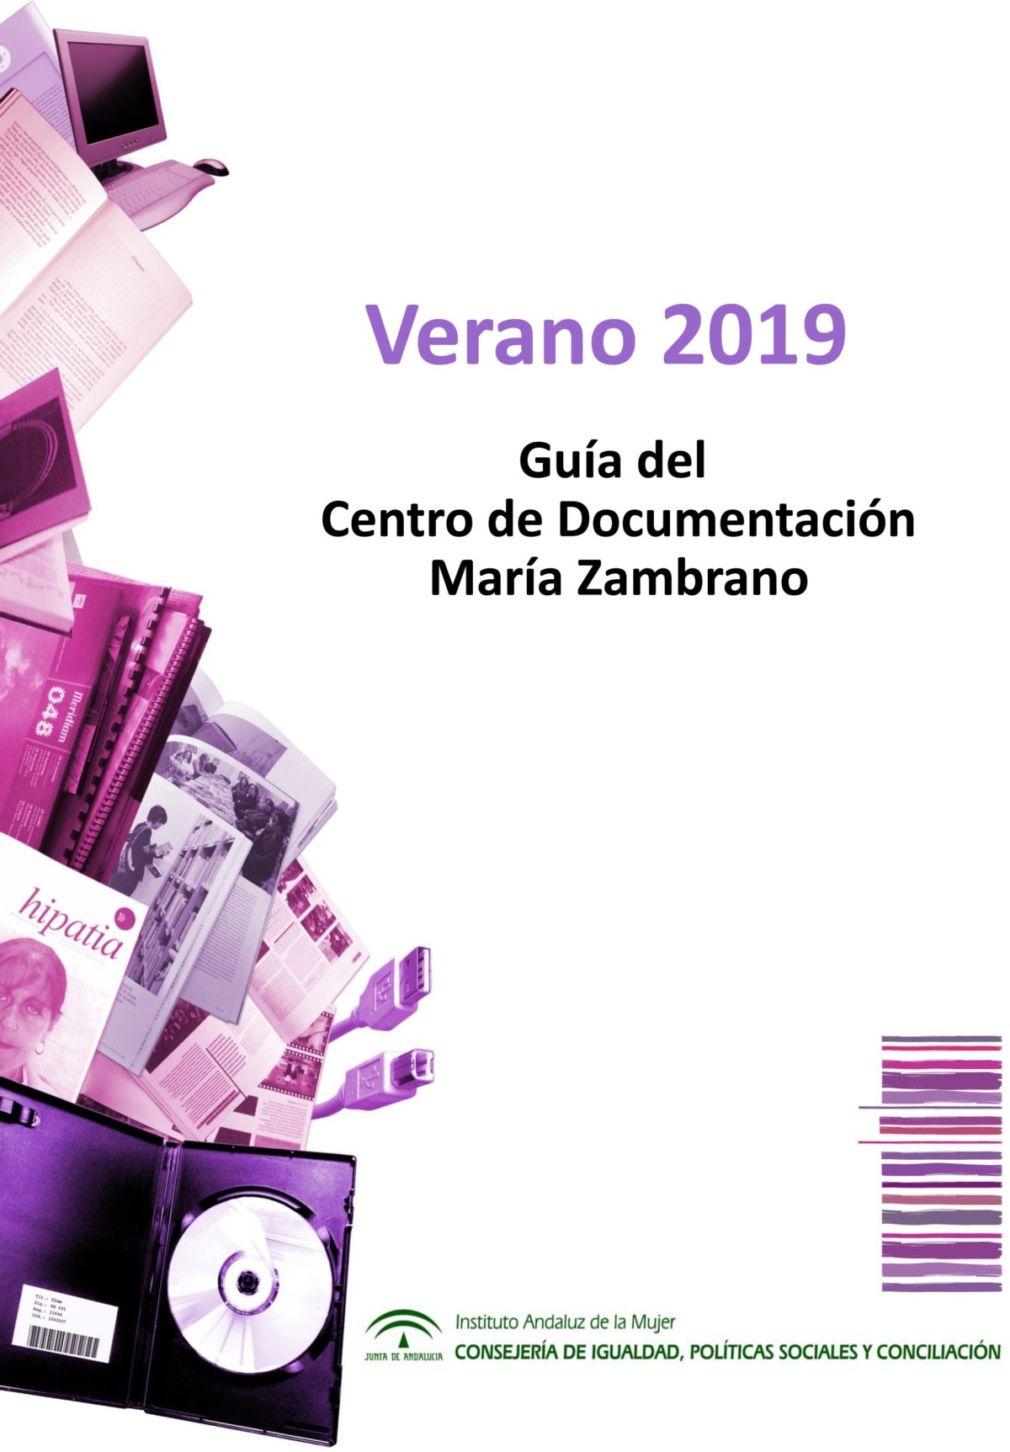 GUIA DE VERANO DEL CENTRO DE DOCUMENTACION MARIA ZAMBRANO 2019